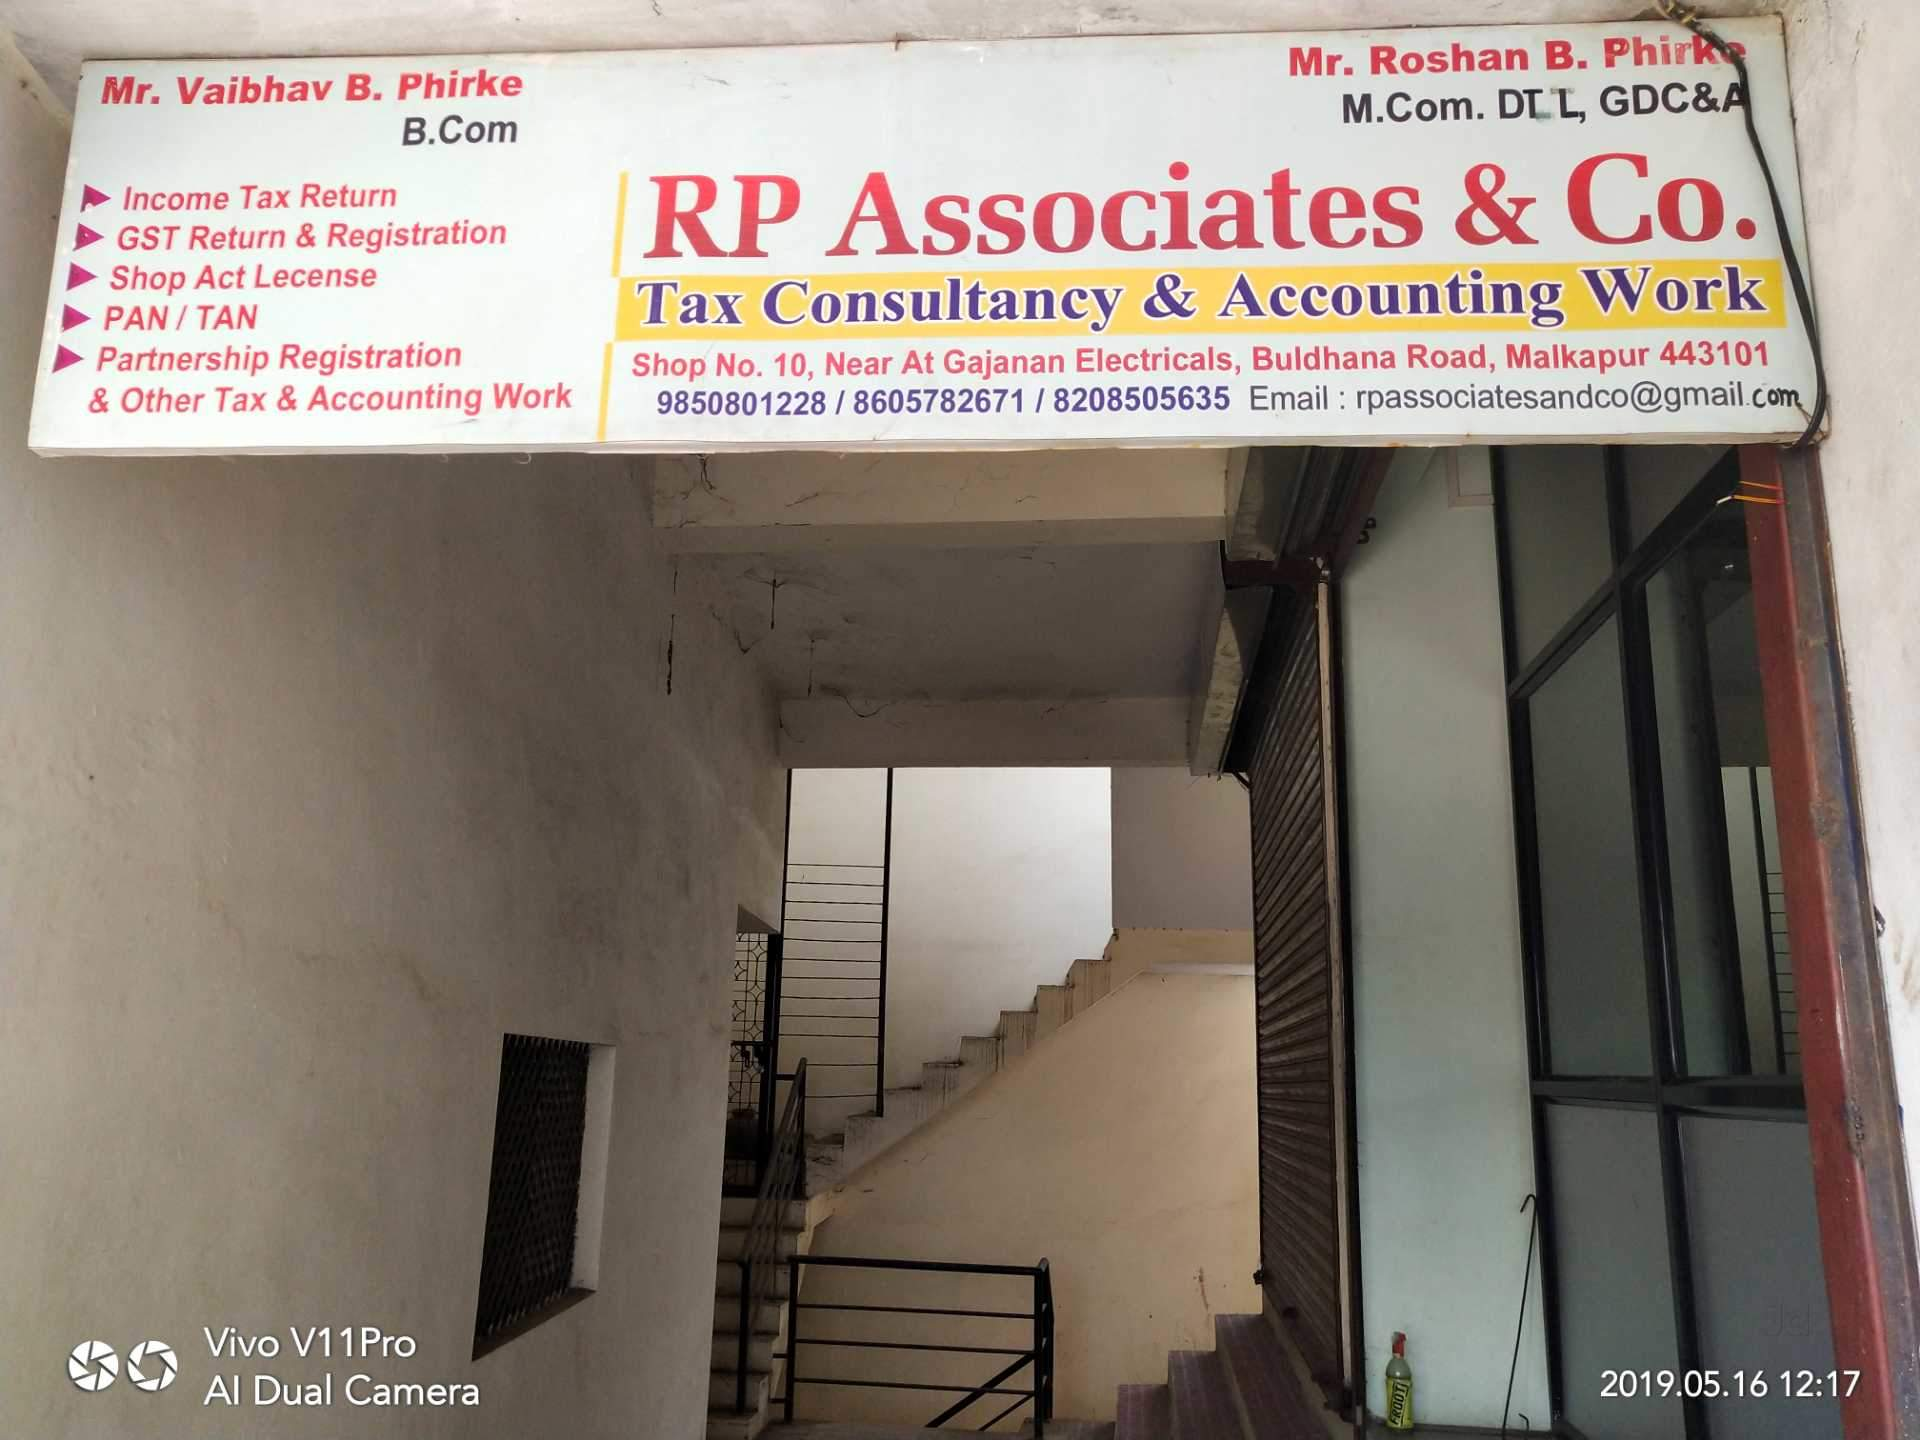 Top Mutual Fund Advisors in Buldhana Road-Malkapur, Buldhana - Best